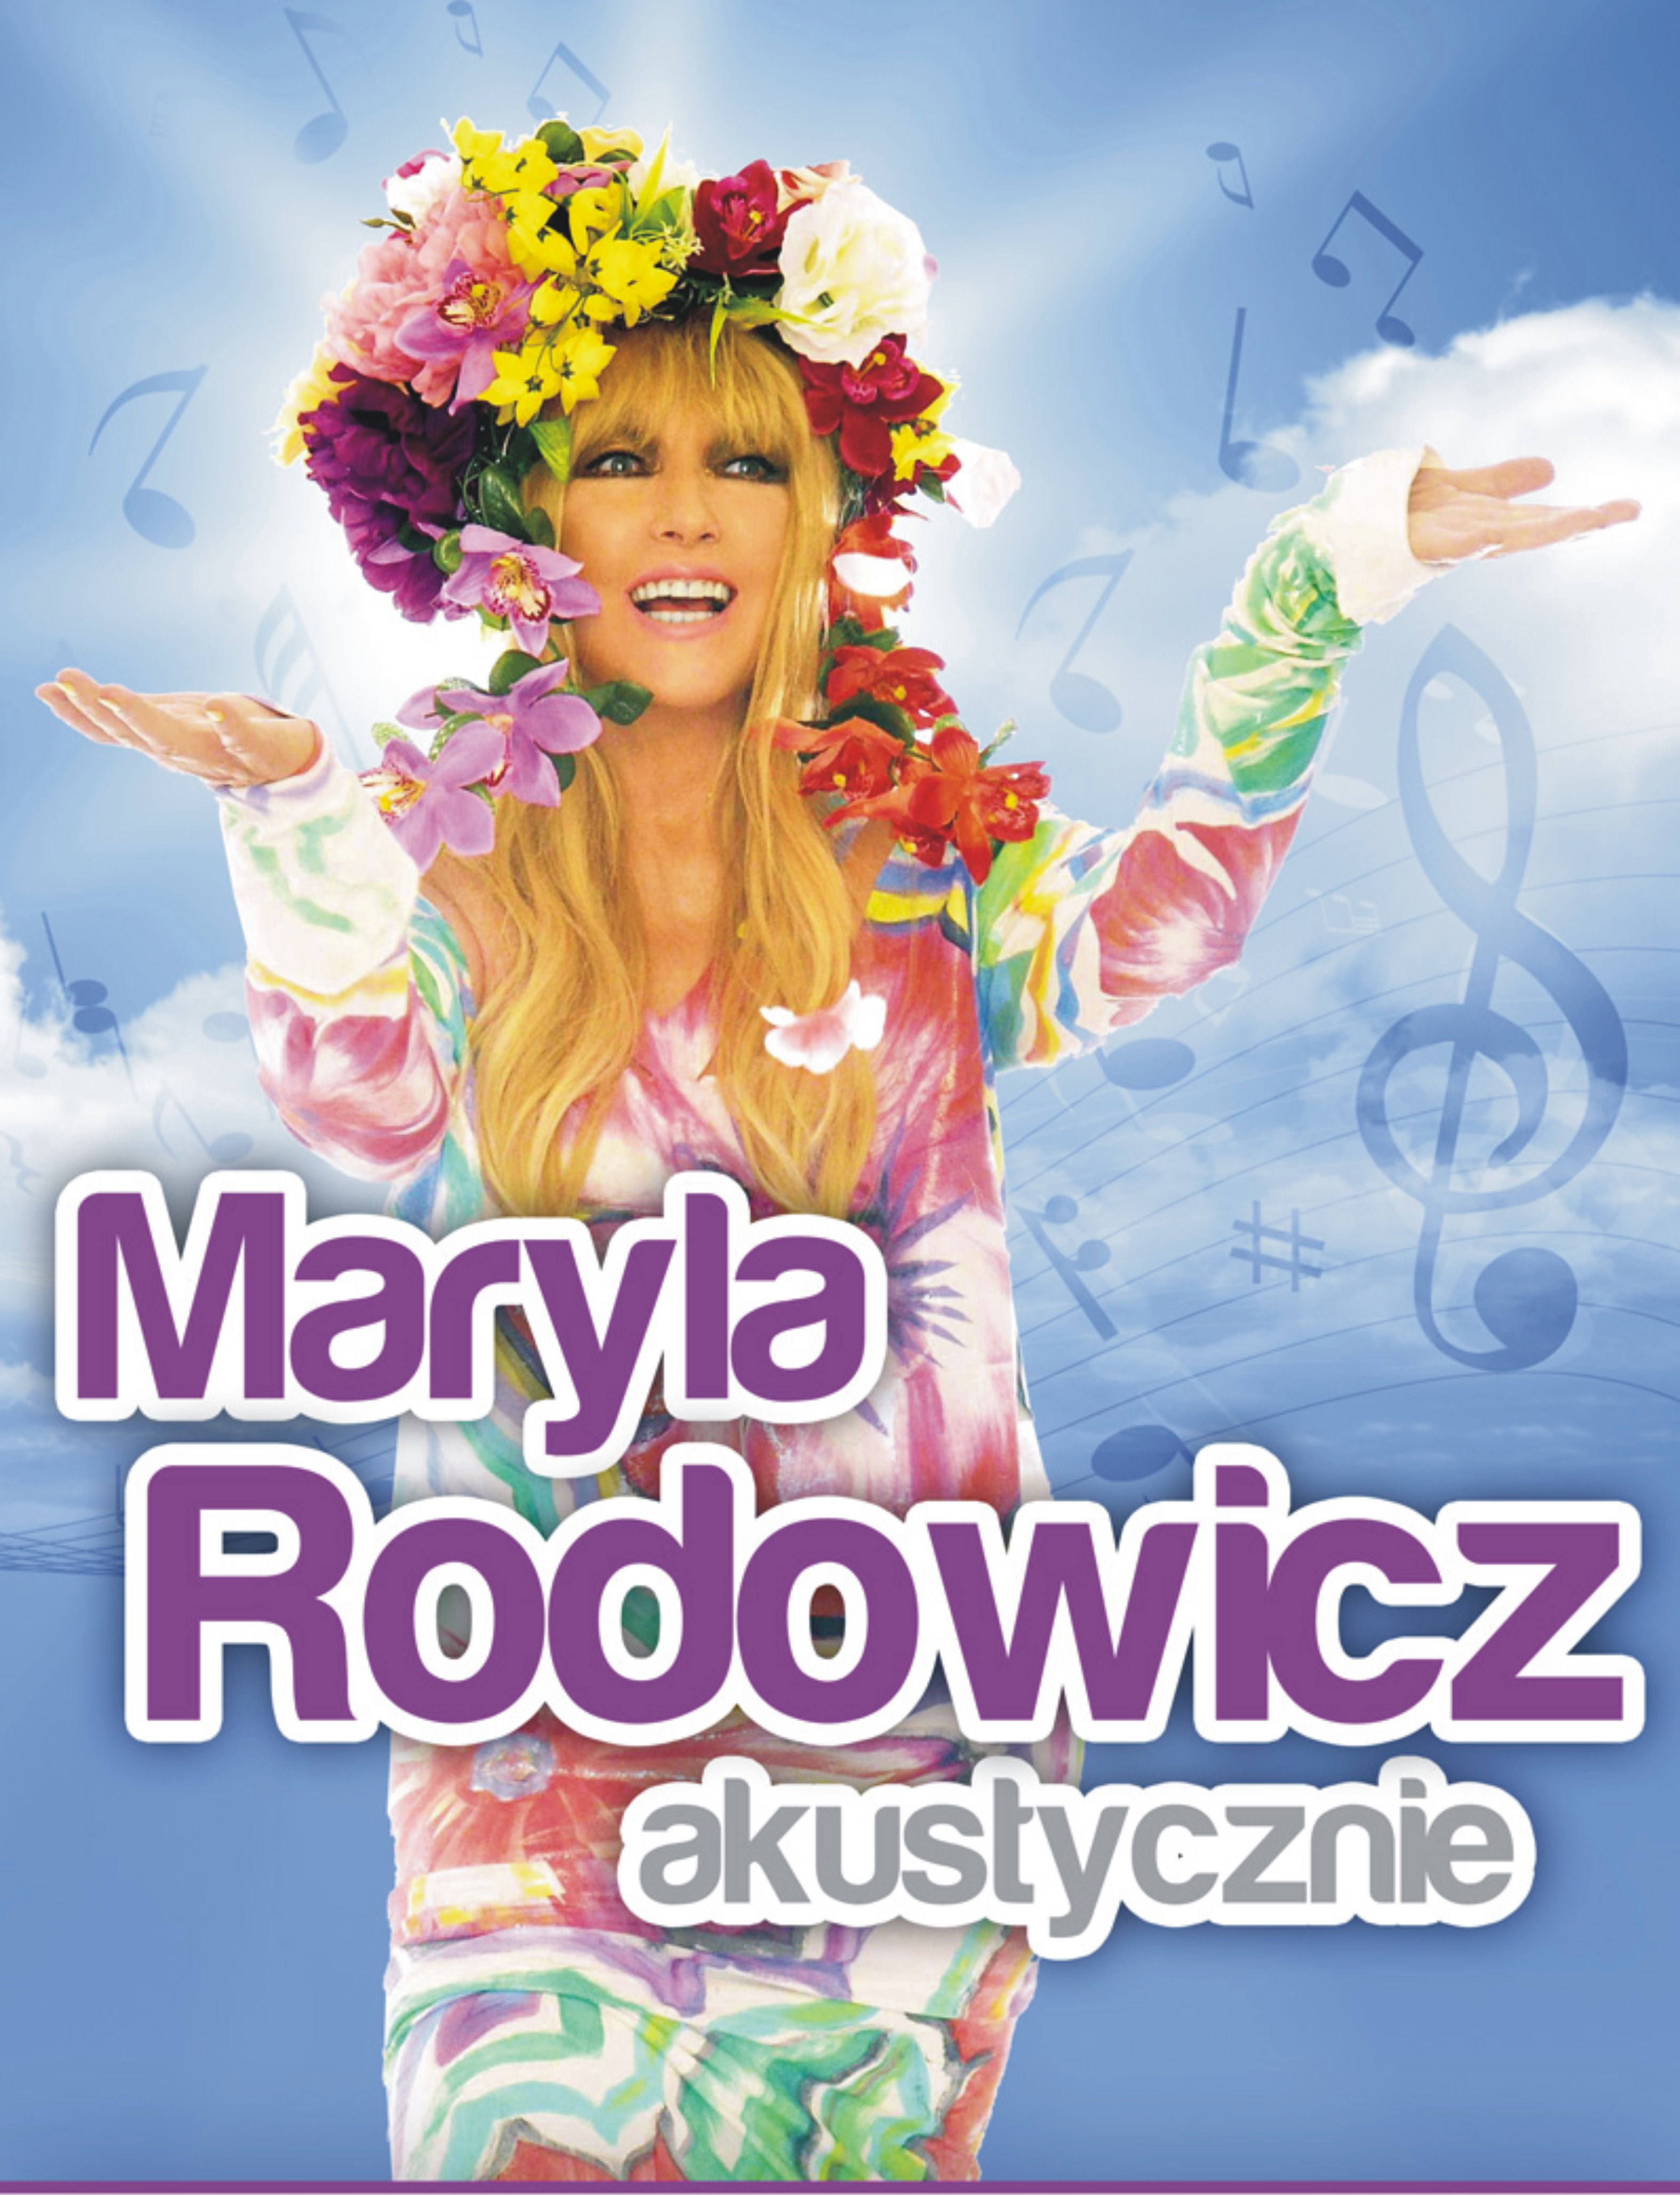 GRAFIKA_RODOWICZ_AKUSTYCZNIE